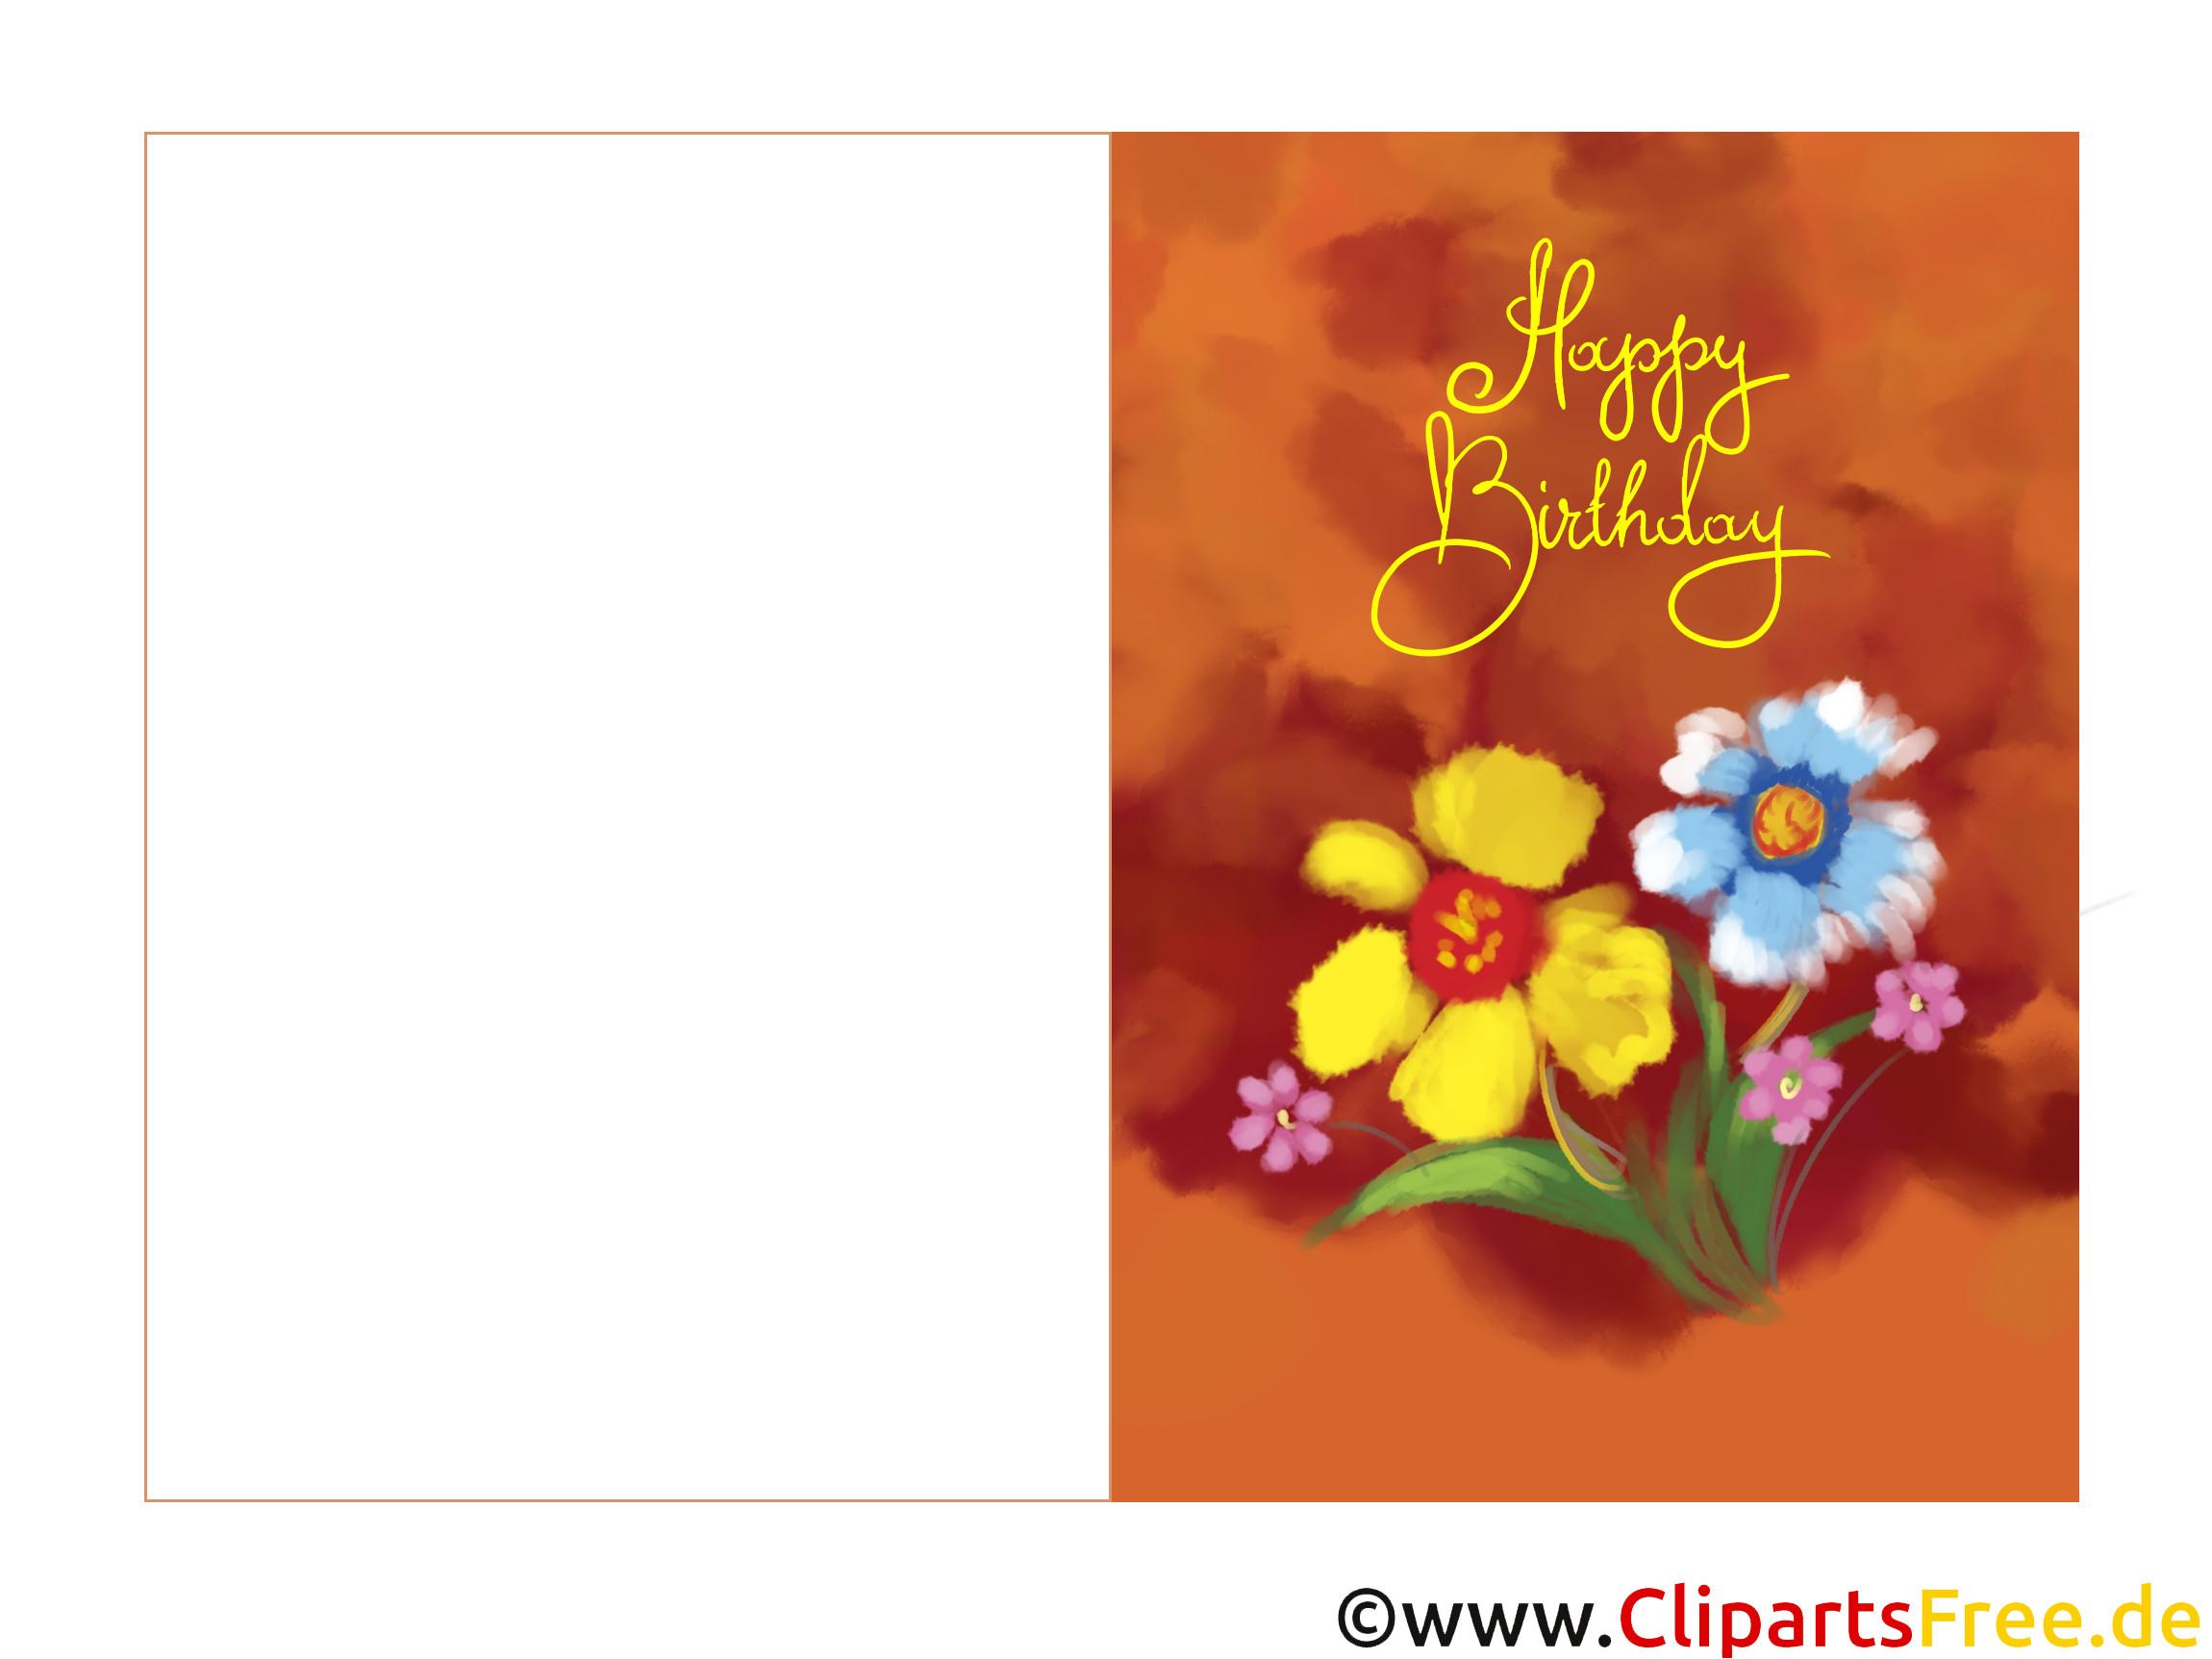 Geburtstagskarten Kostenlos Herunterladen  Elektronische Geburtstagskarte kostenlos zum Runterladen